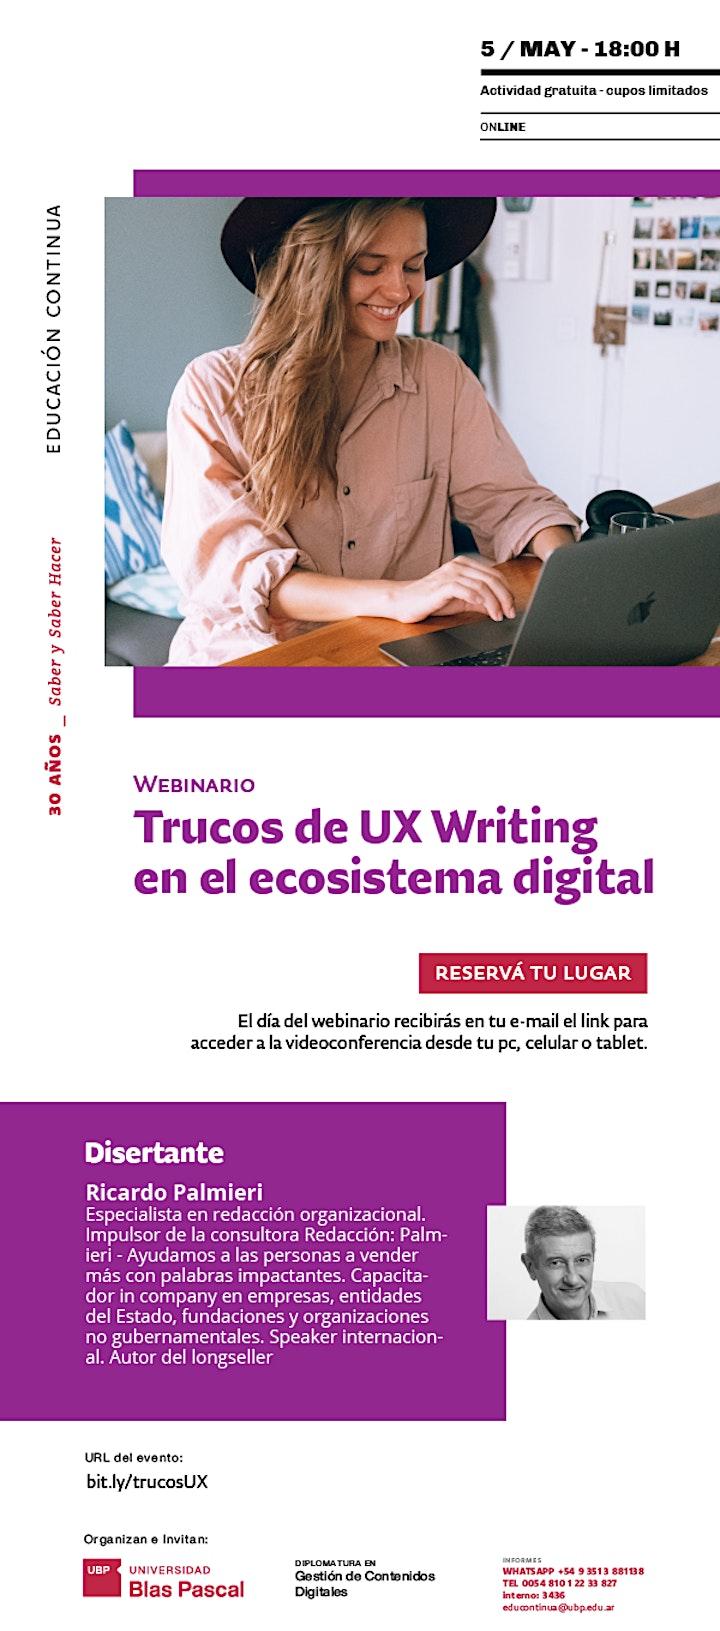 Imagen de Webinario> Trucos de UX  Writing en el  ecosistema digital